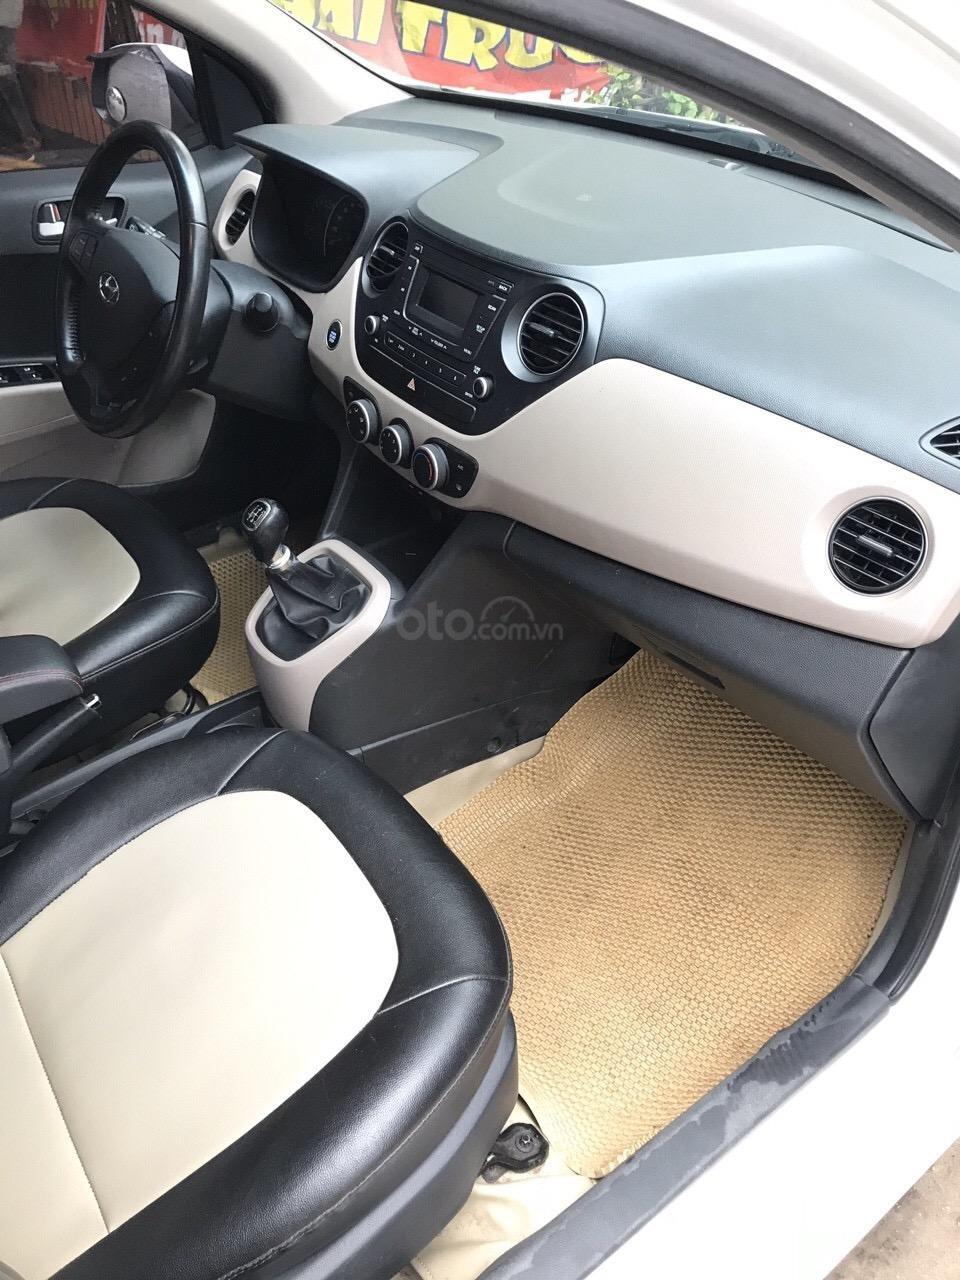 Bán xe Hyundai Grand i10 màu trắng, nhập khẩu nguyên chiếc chính hãng (7)